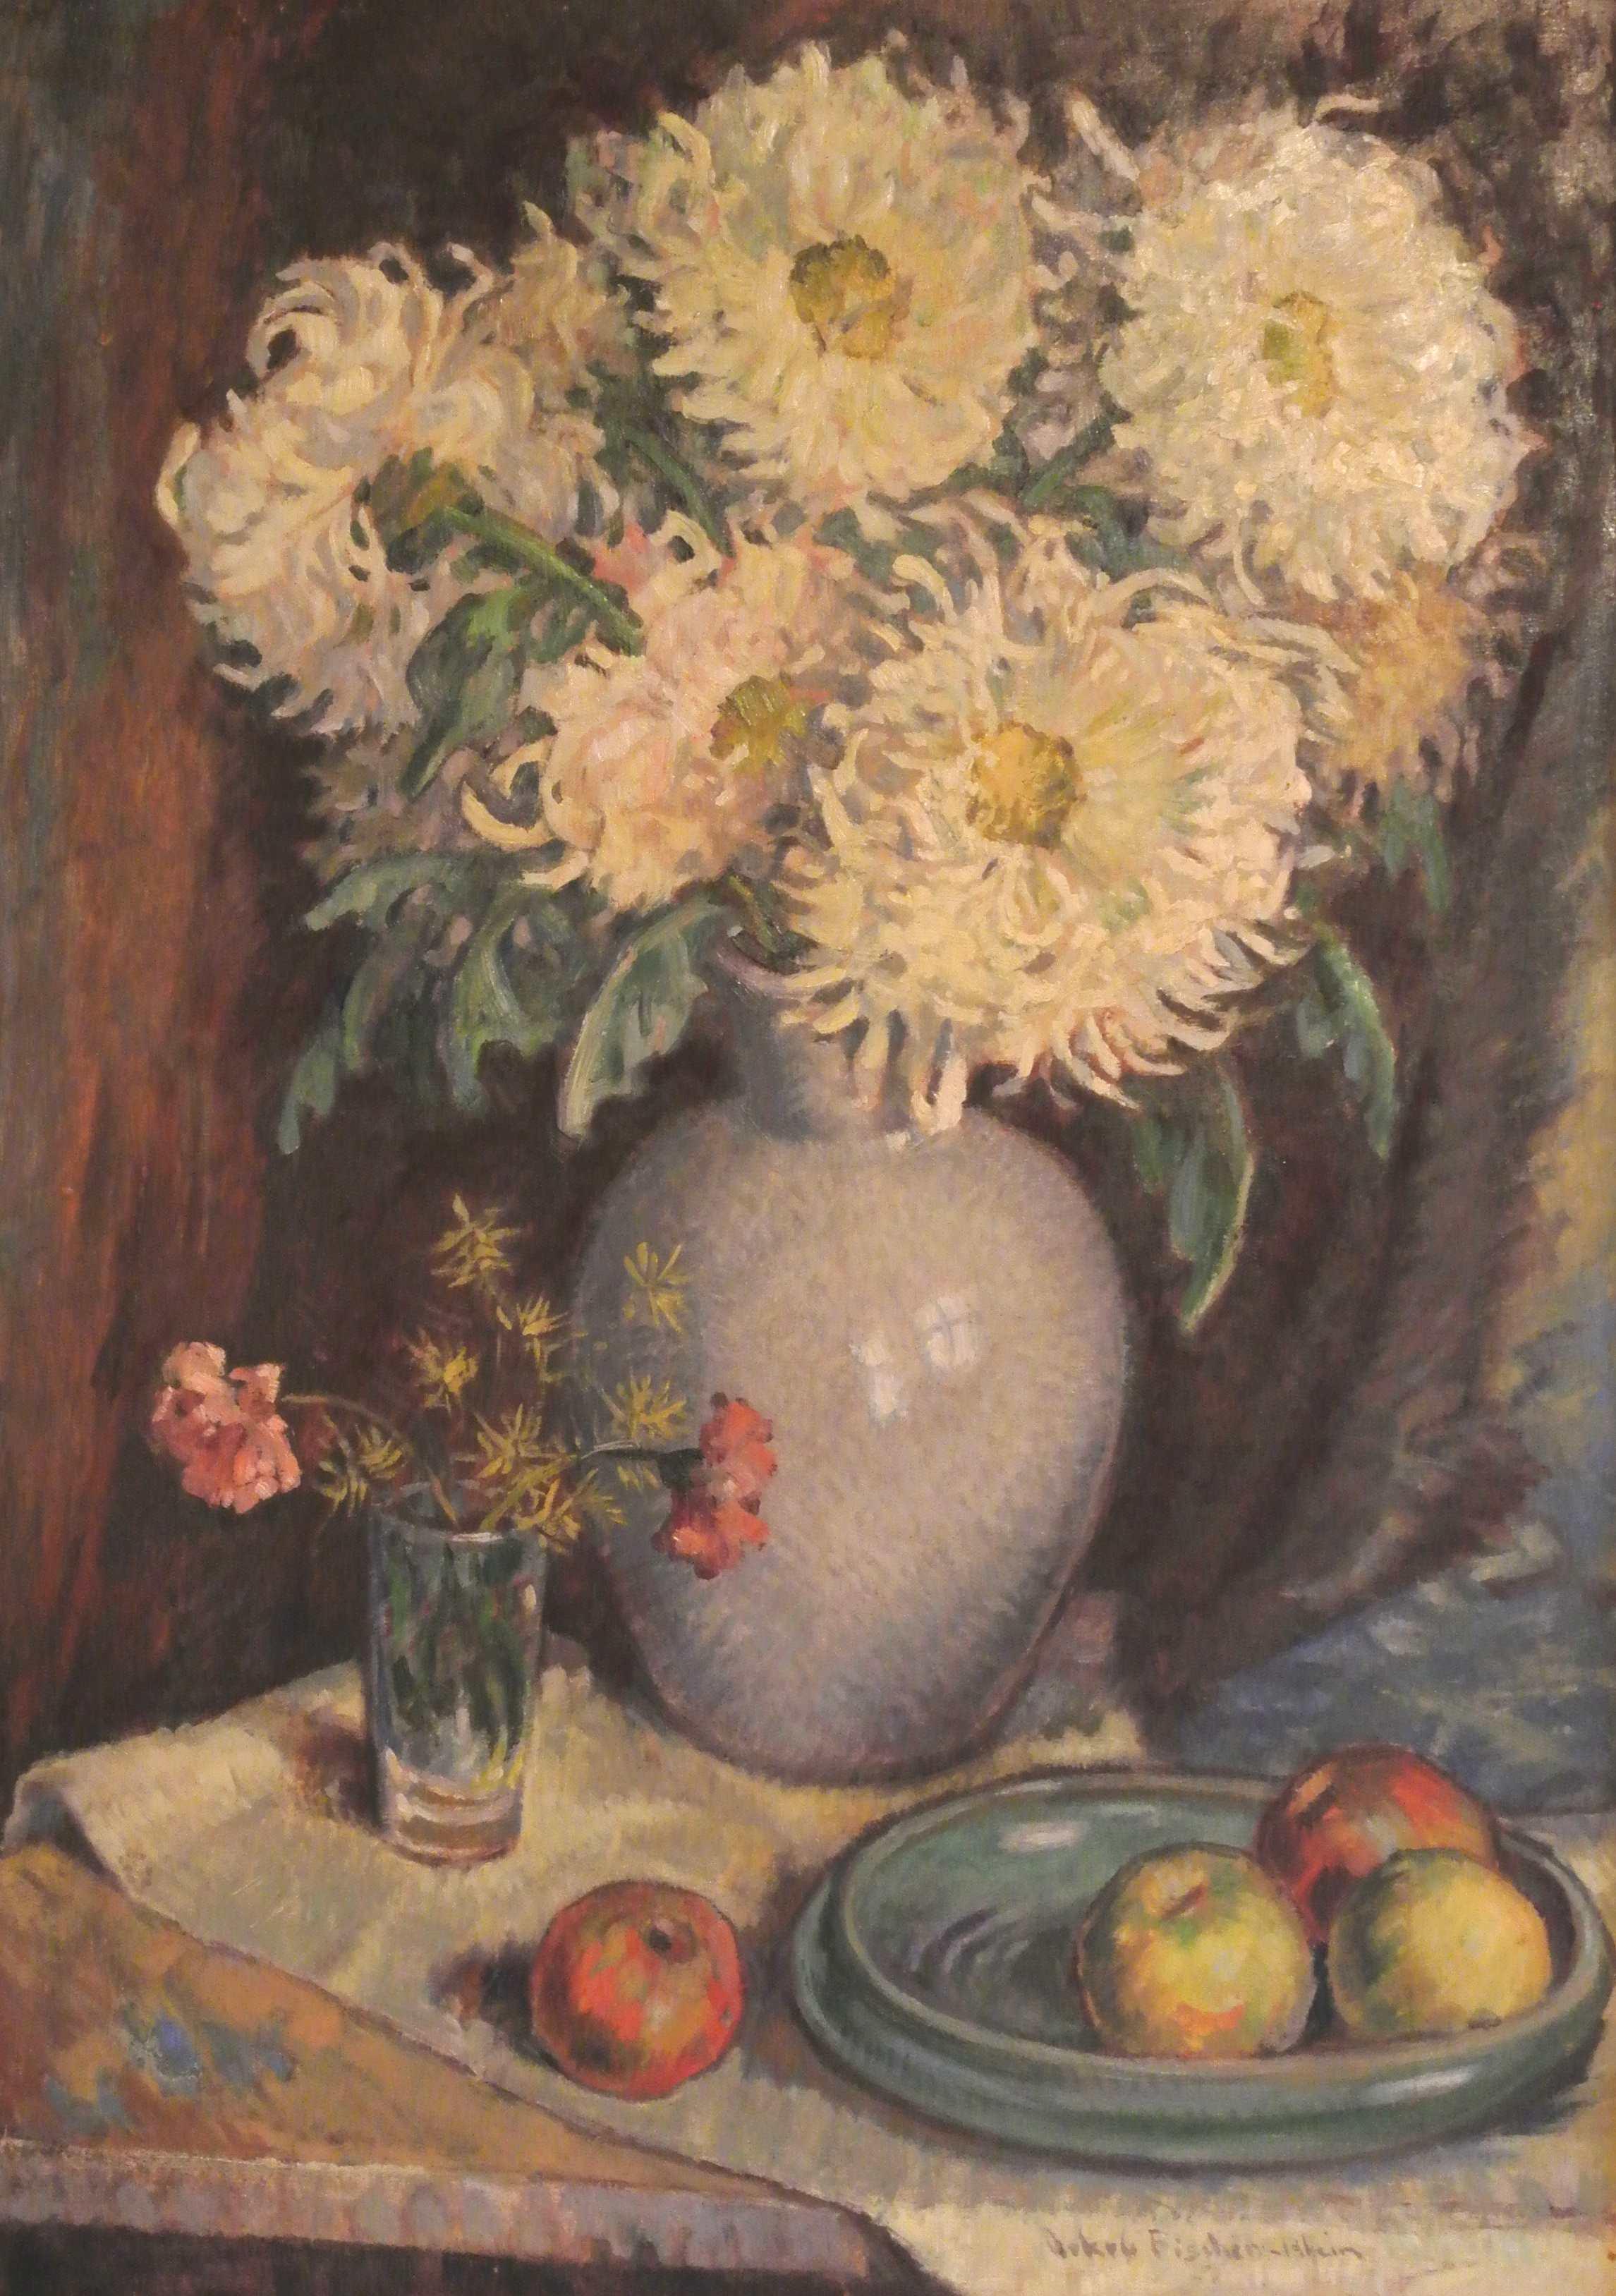 Blumenstilleben, ohne Jahr, für vergrößerte Ansicht anklicken!